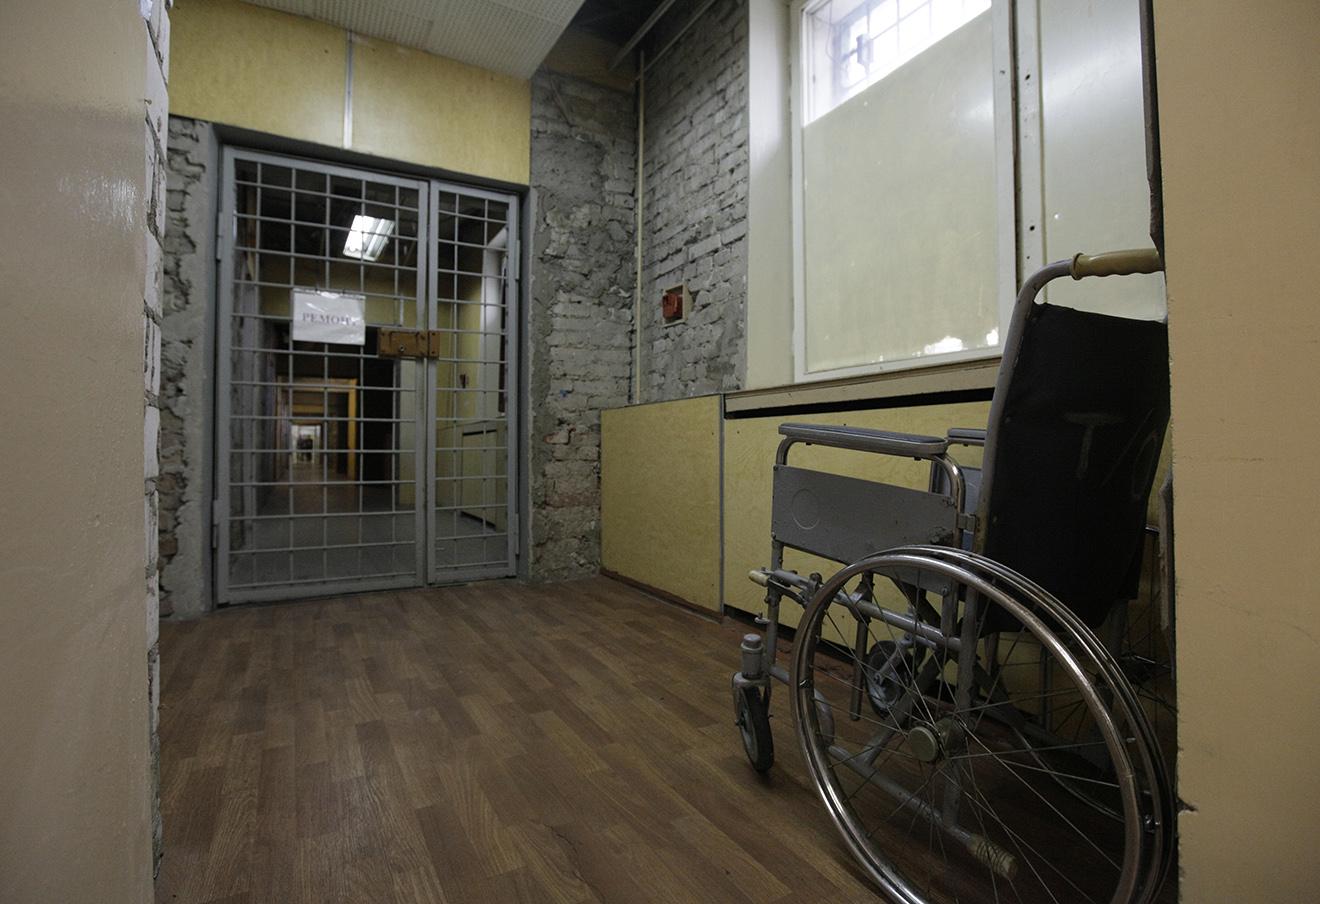 В следственном изоляторе № 1 «Матросская Тишина». Фото: Анна Шевелева / ТАСС